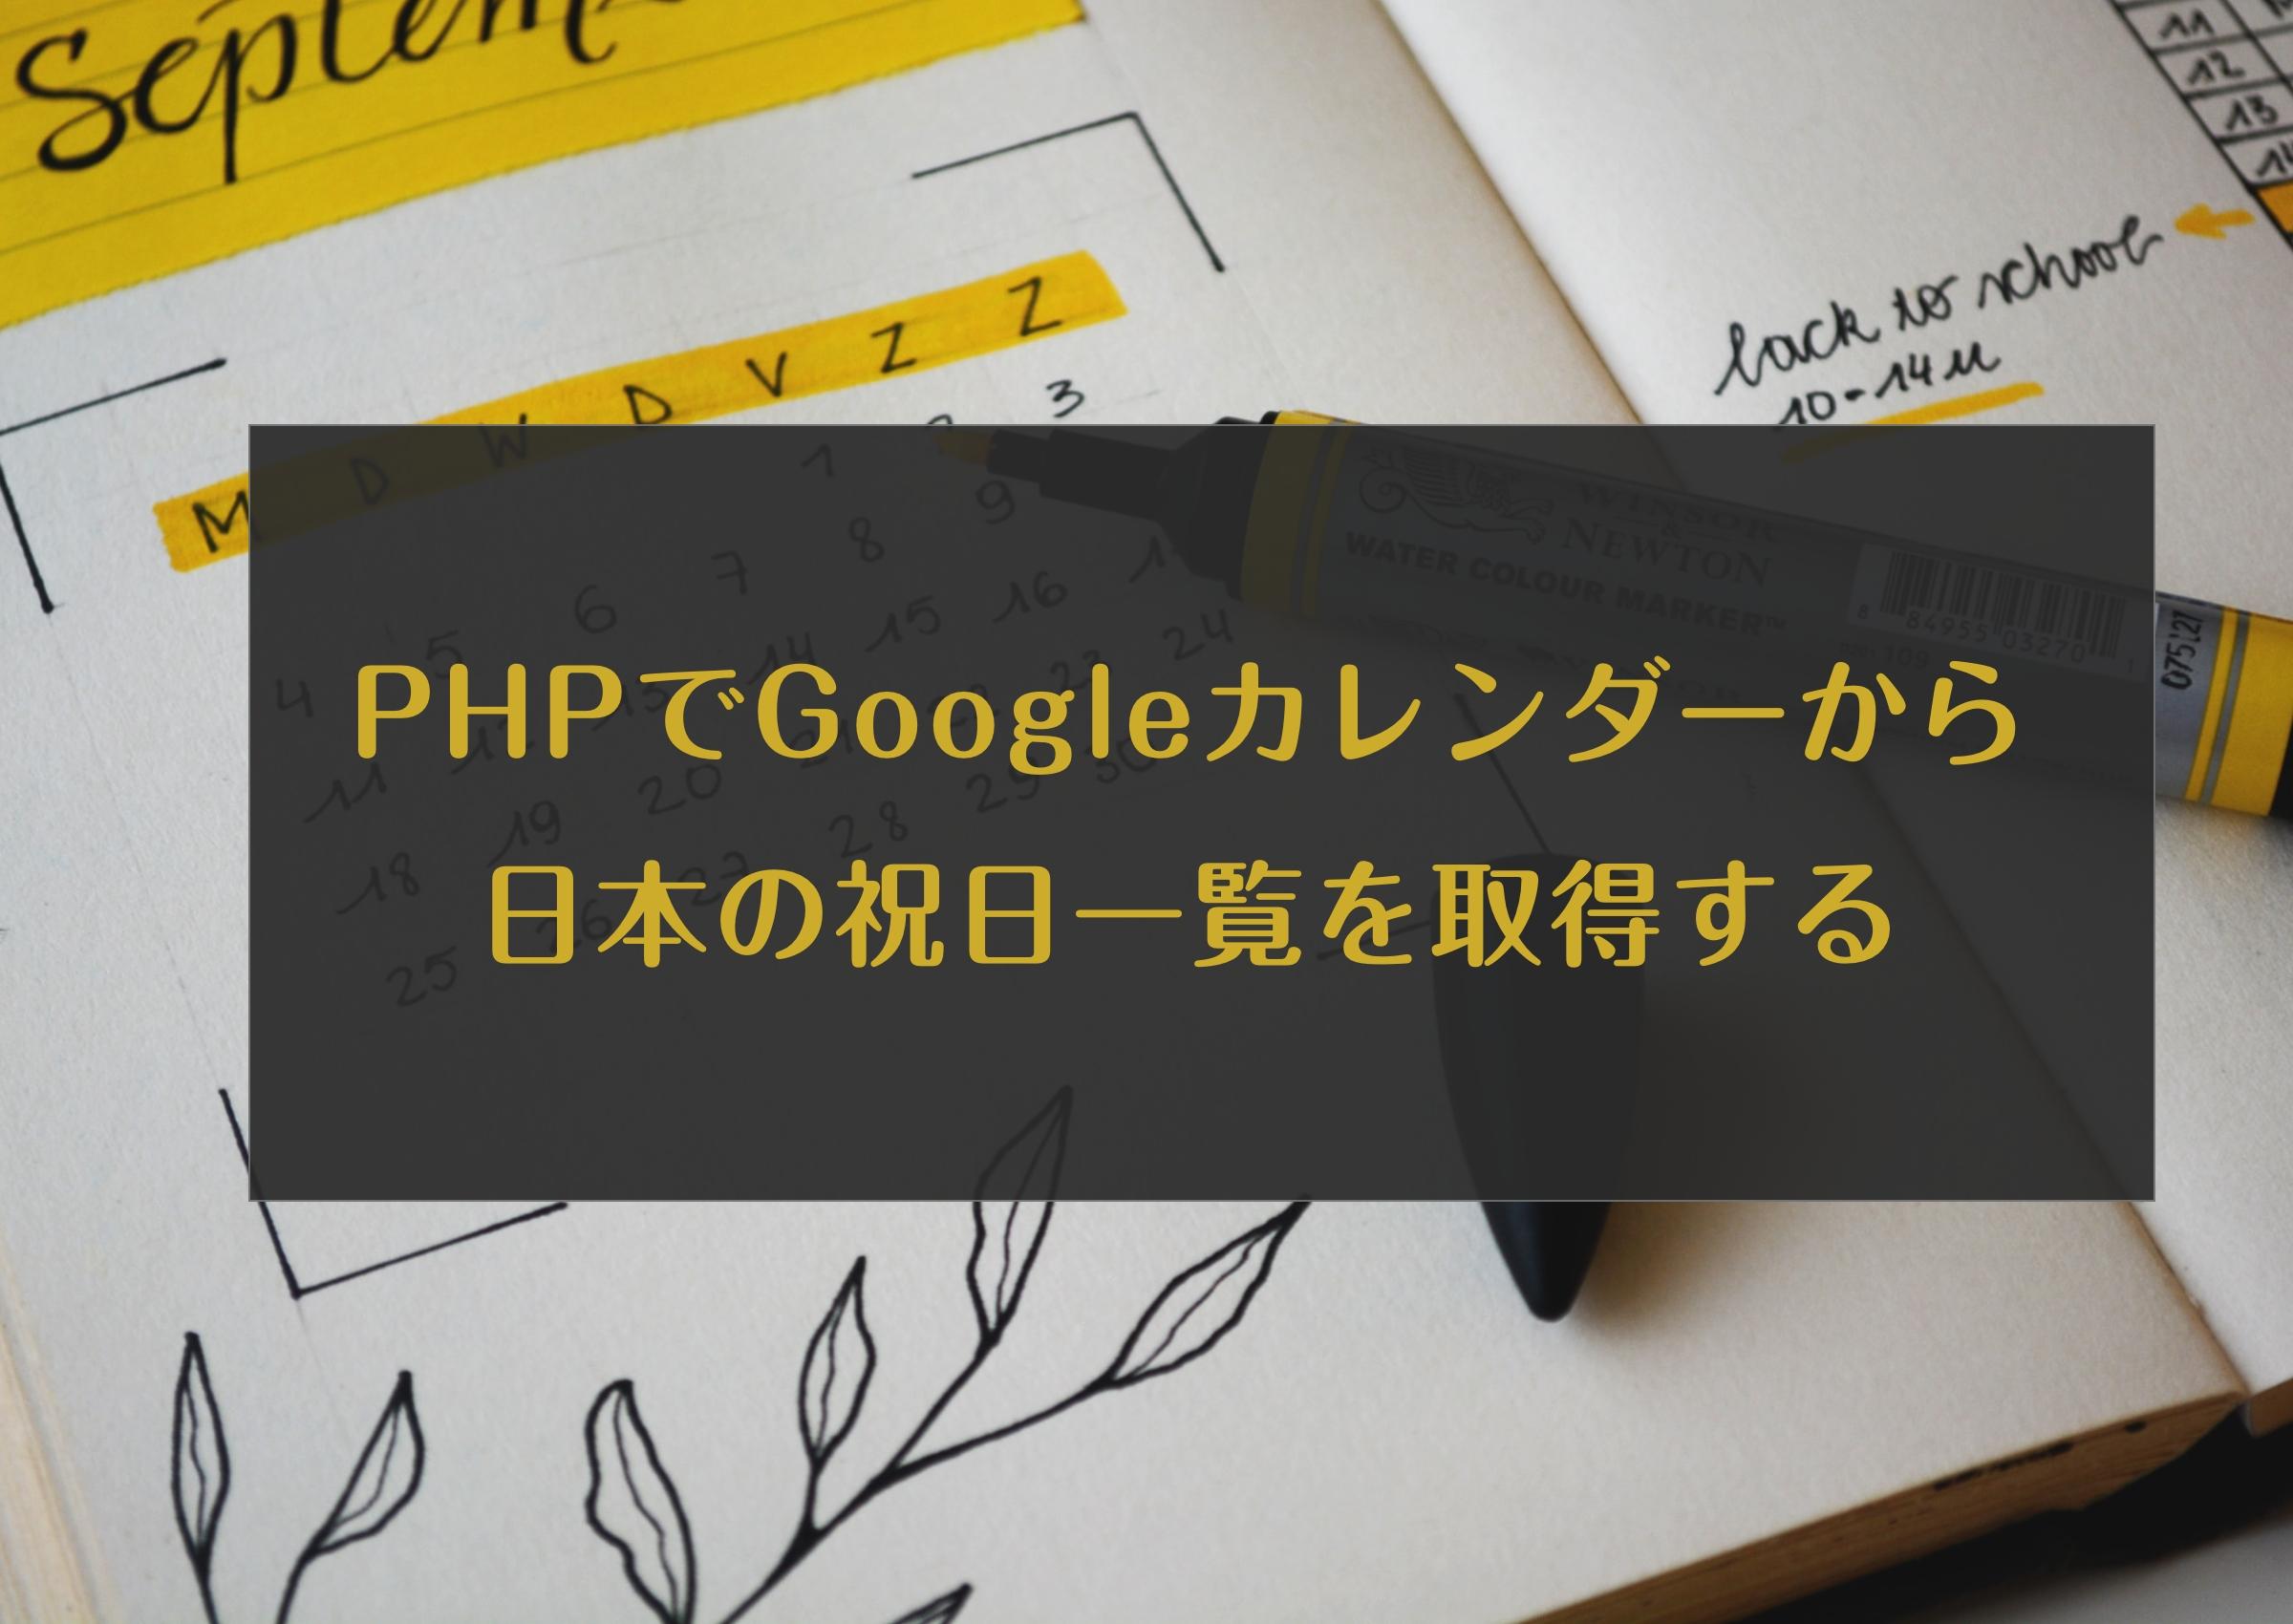 PHPでGoogleカレンダーから日本の祝日一覧を取得する